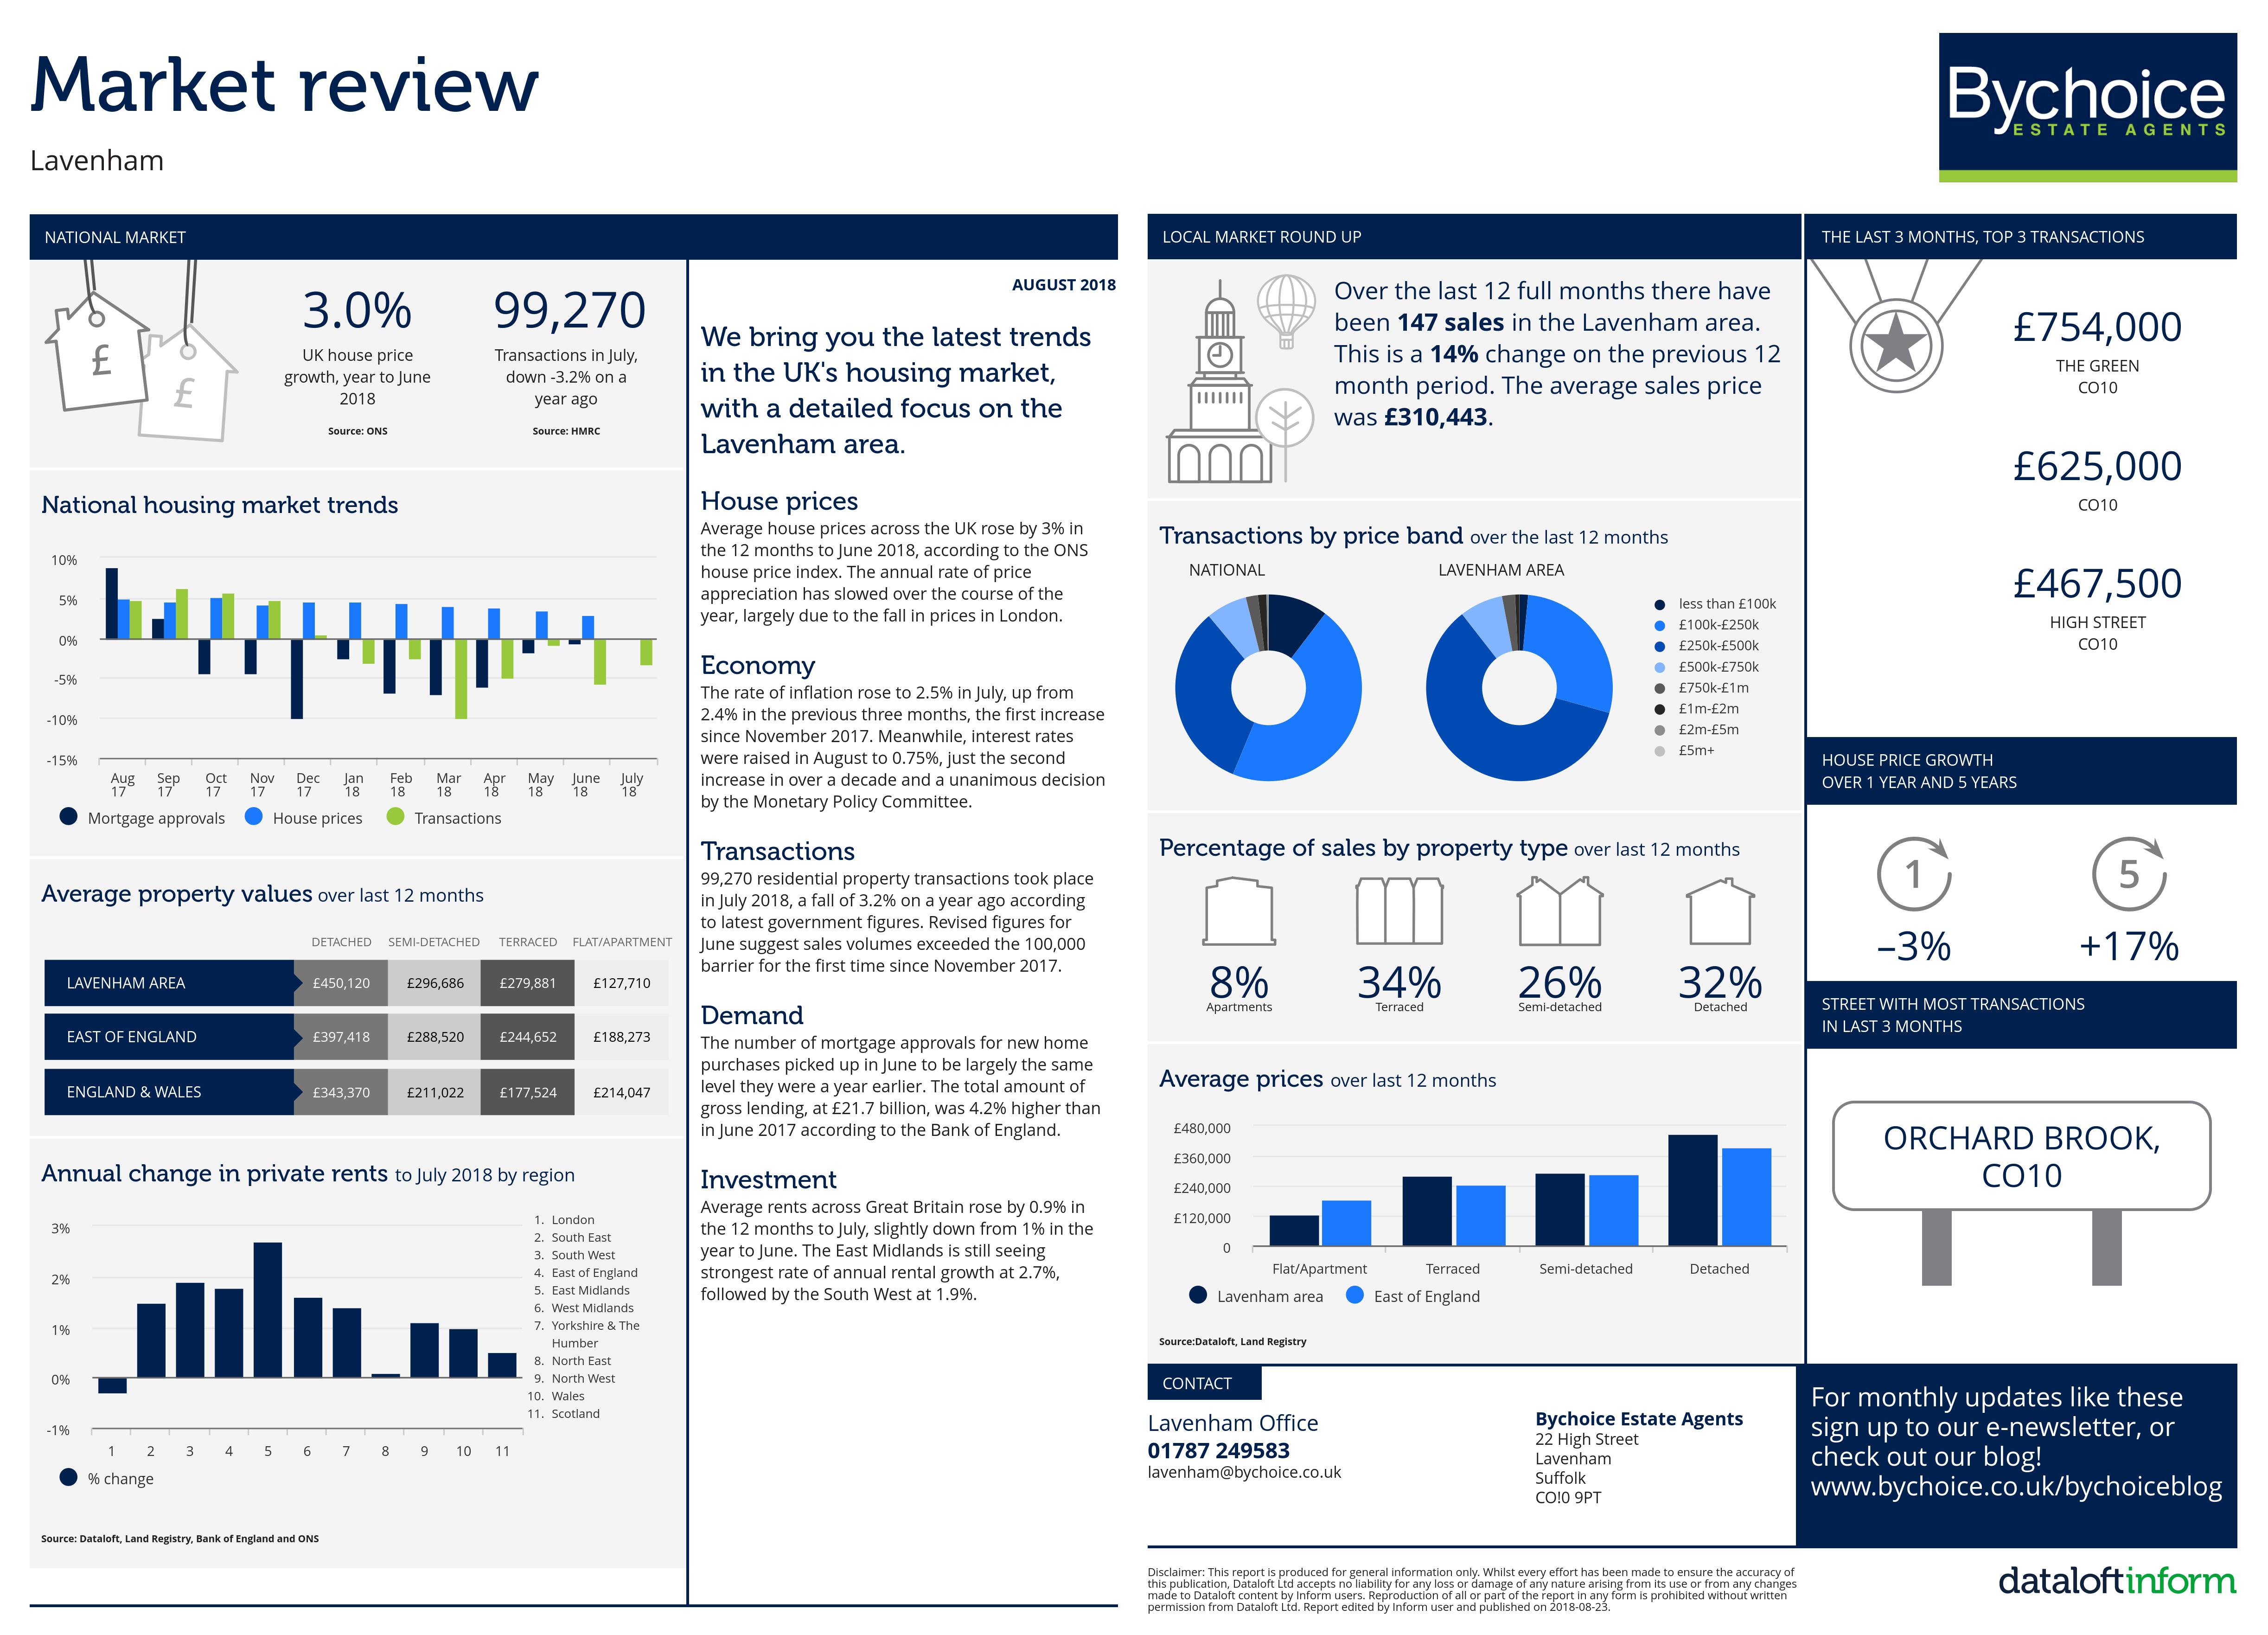 Lavenham Market Review - August 2018